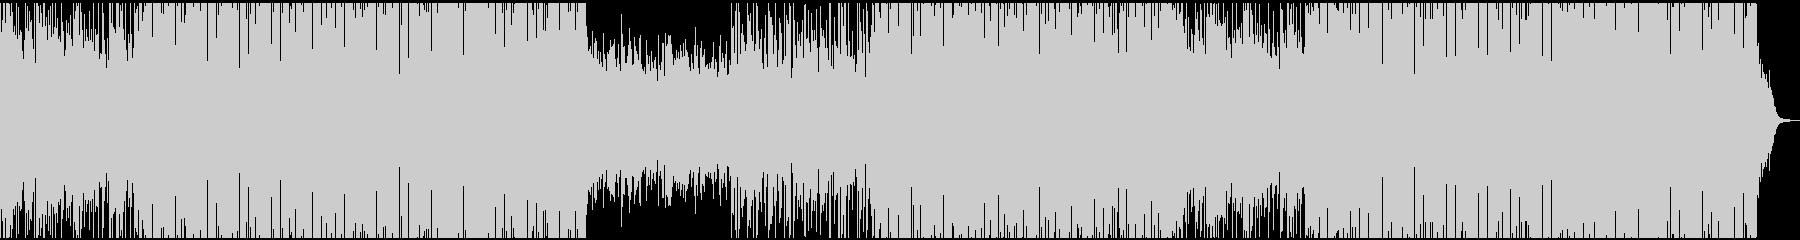 このサウンドトラックは、有益な電子...の未再生の波形